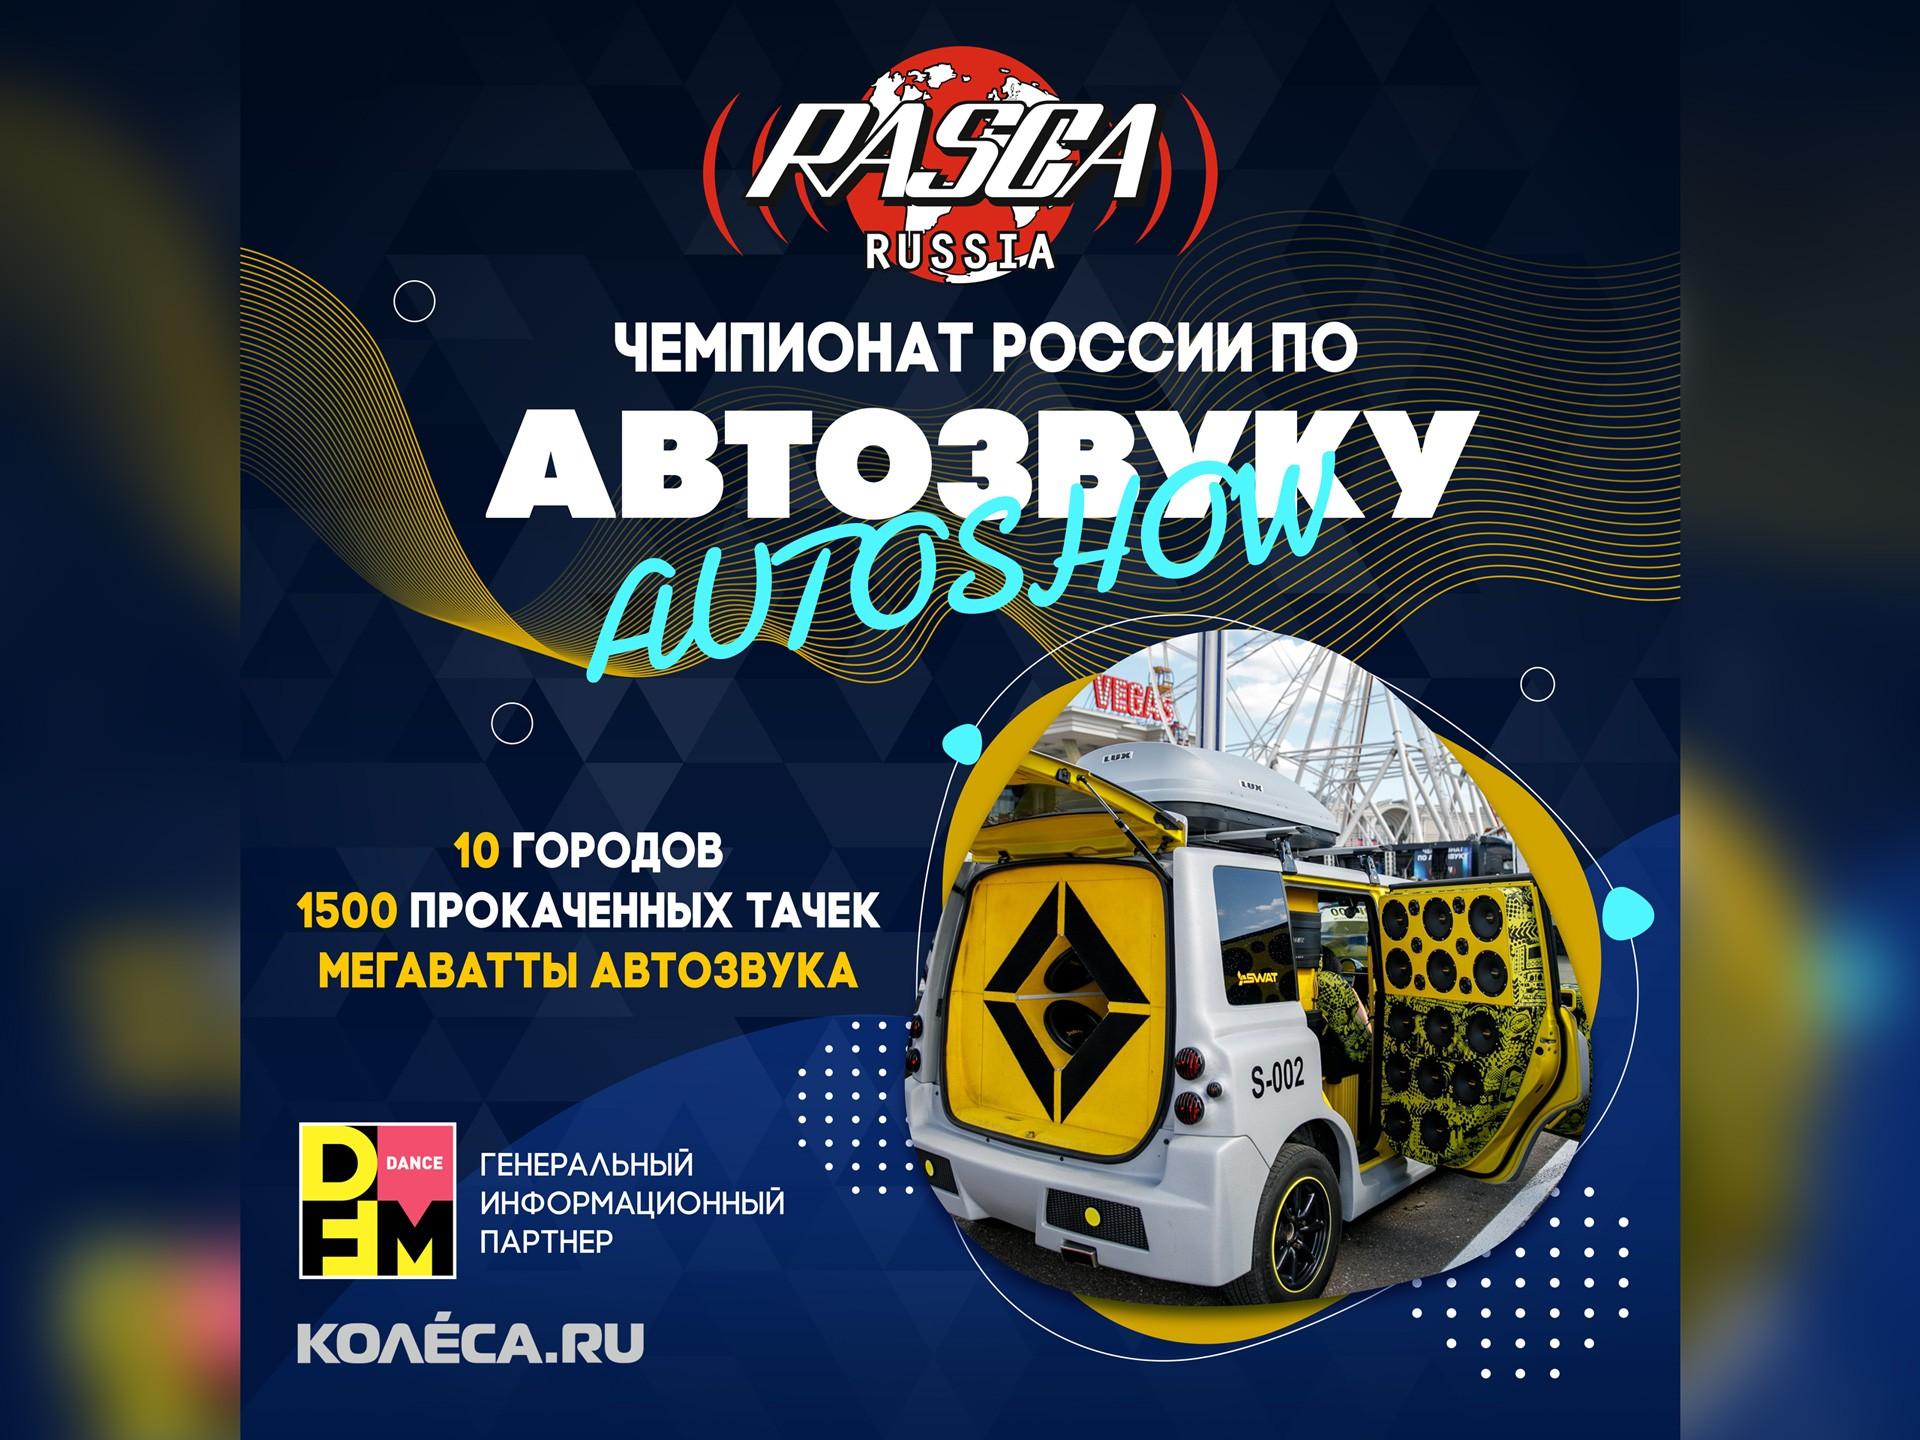 Российская ассоциация автозвуковых соревнований представляет чемпионат по автозвуку RASCA-Россия